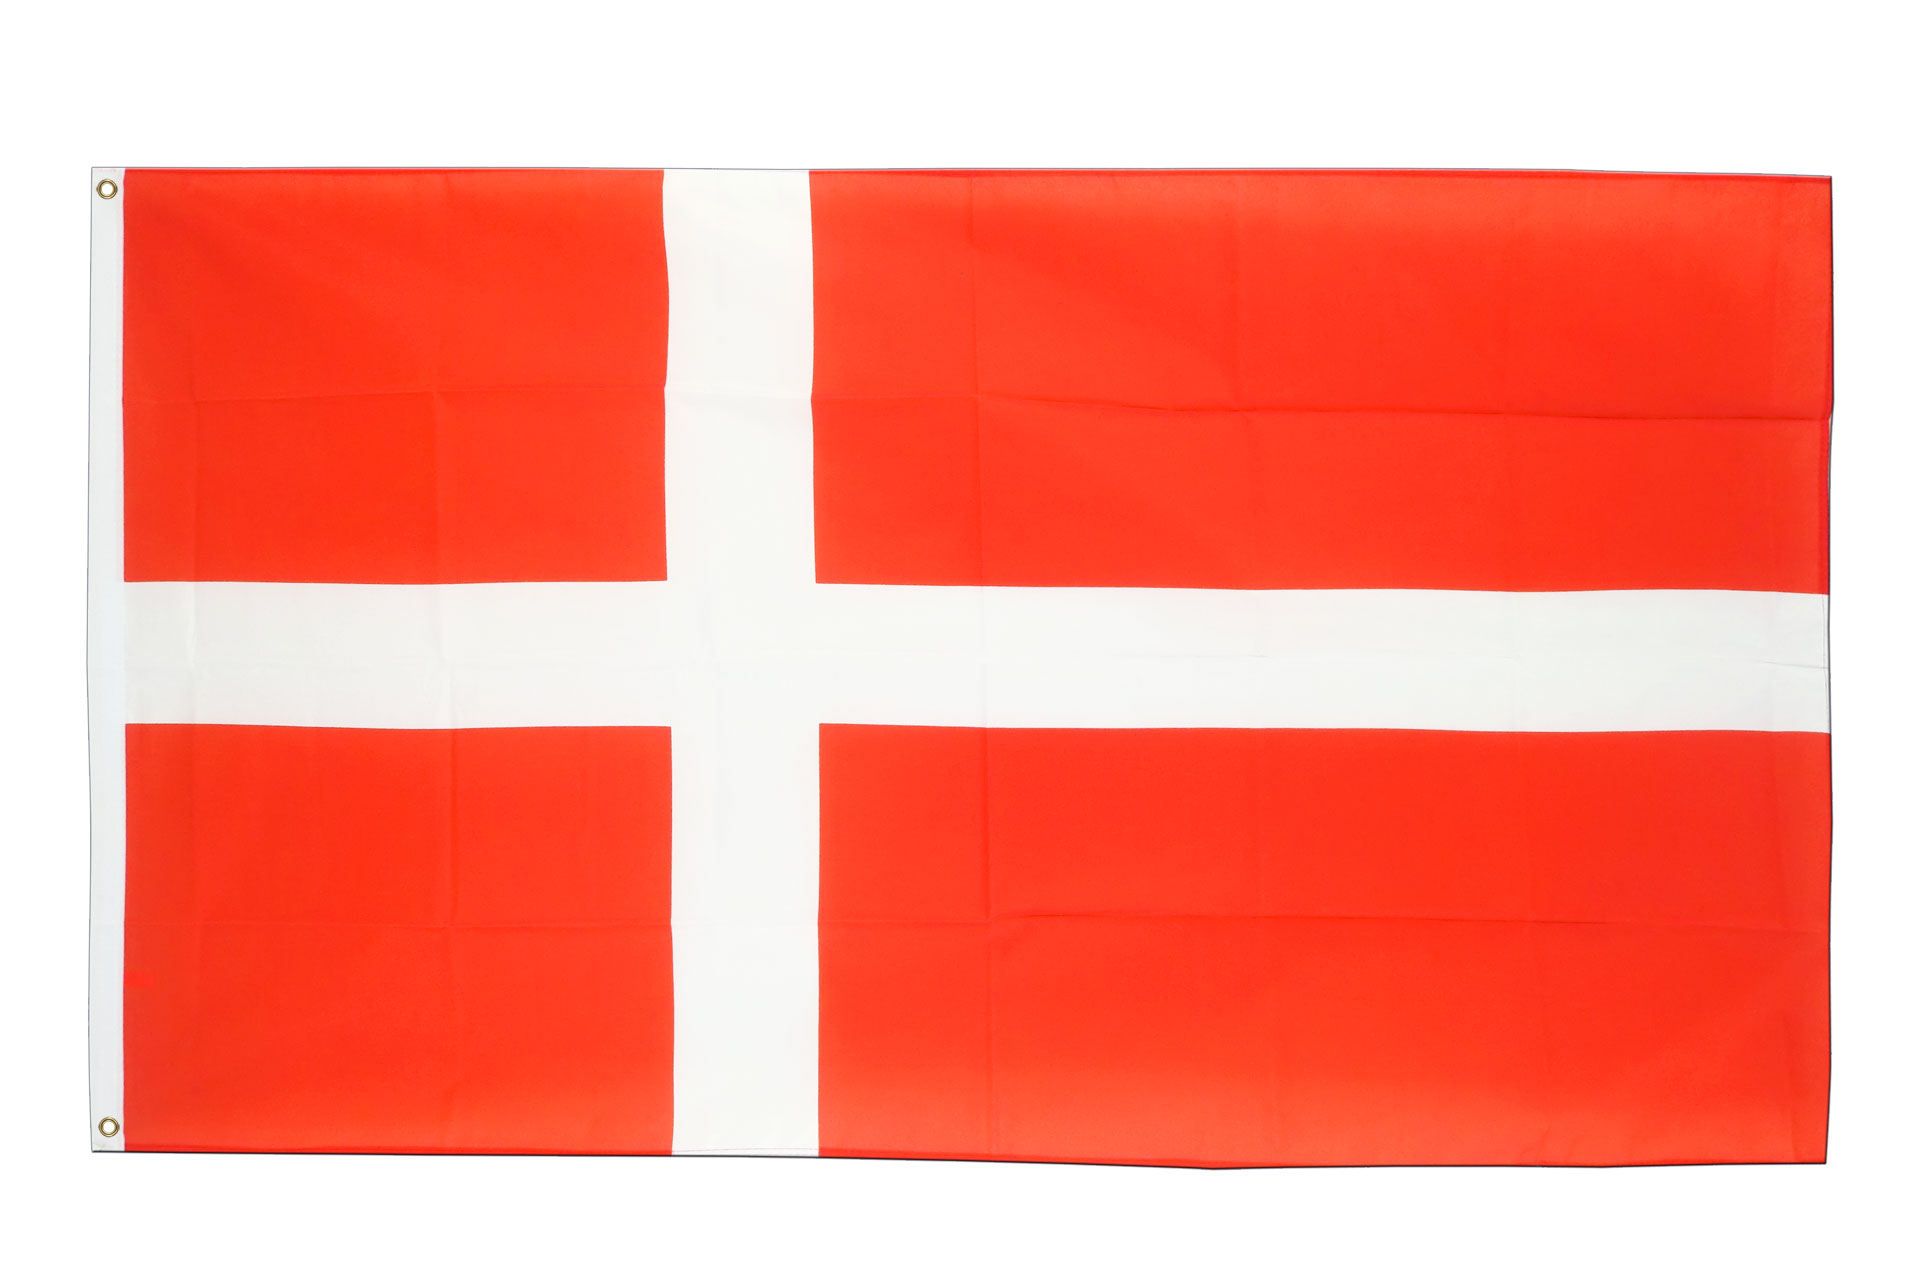 Drapeau pas cher danemark 60 x 90 cm monsieur des drapeaux for Drapeau publicitaire exterieur pas cher